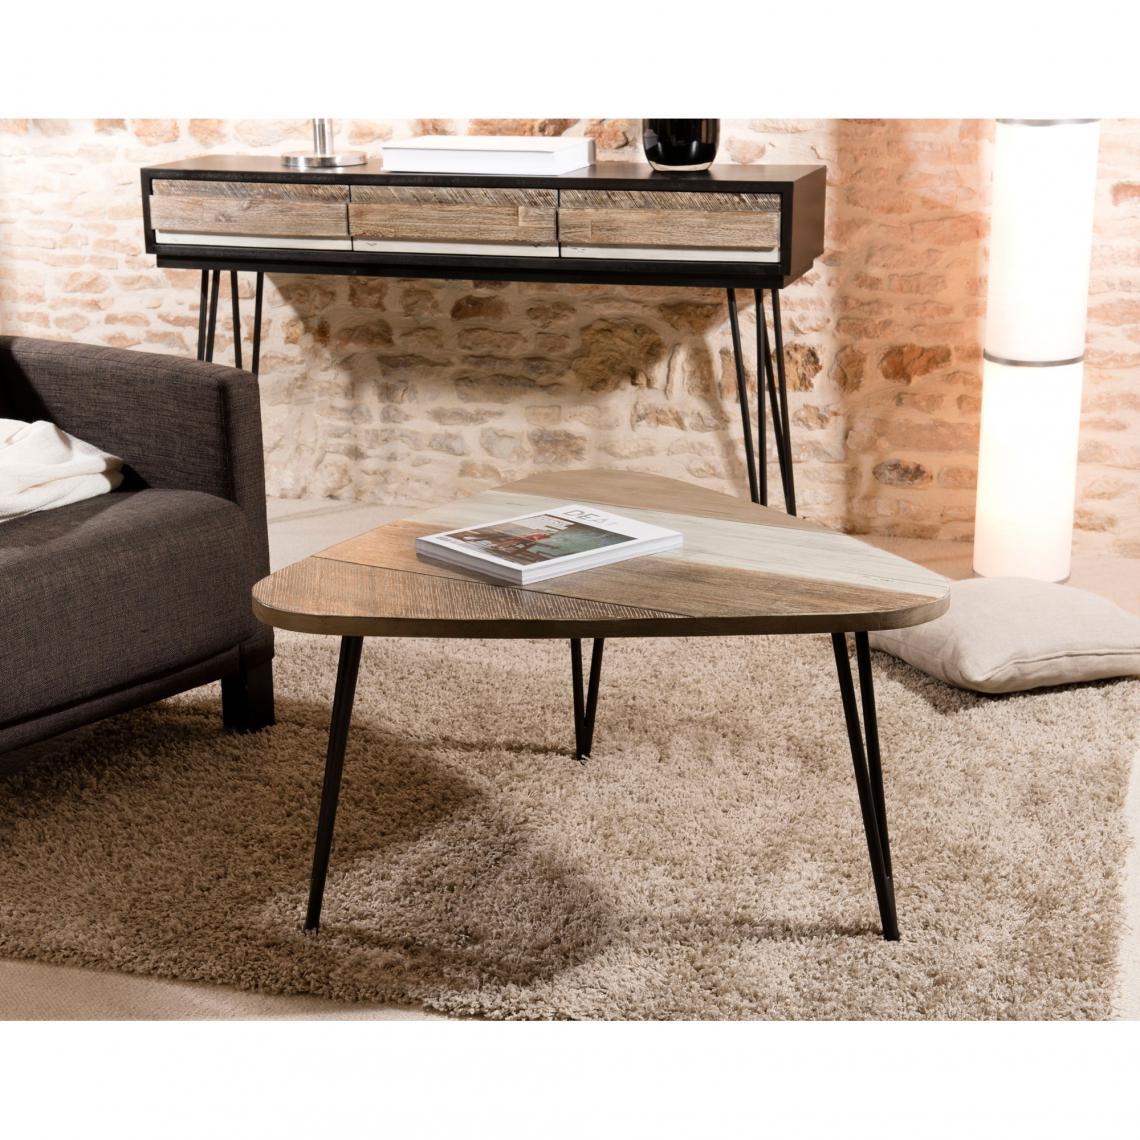 Table Basse Goutte D Eau Pieds épingle Grand Modèle Style